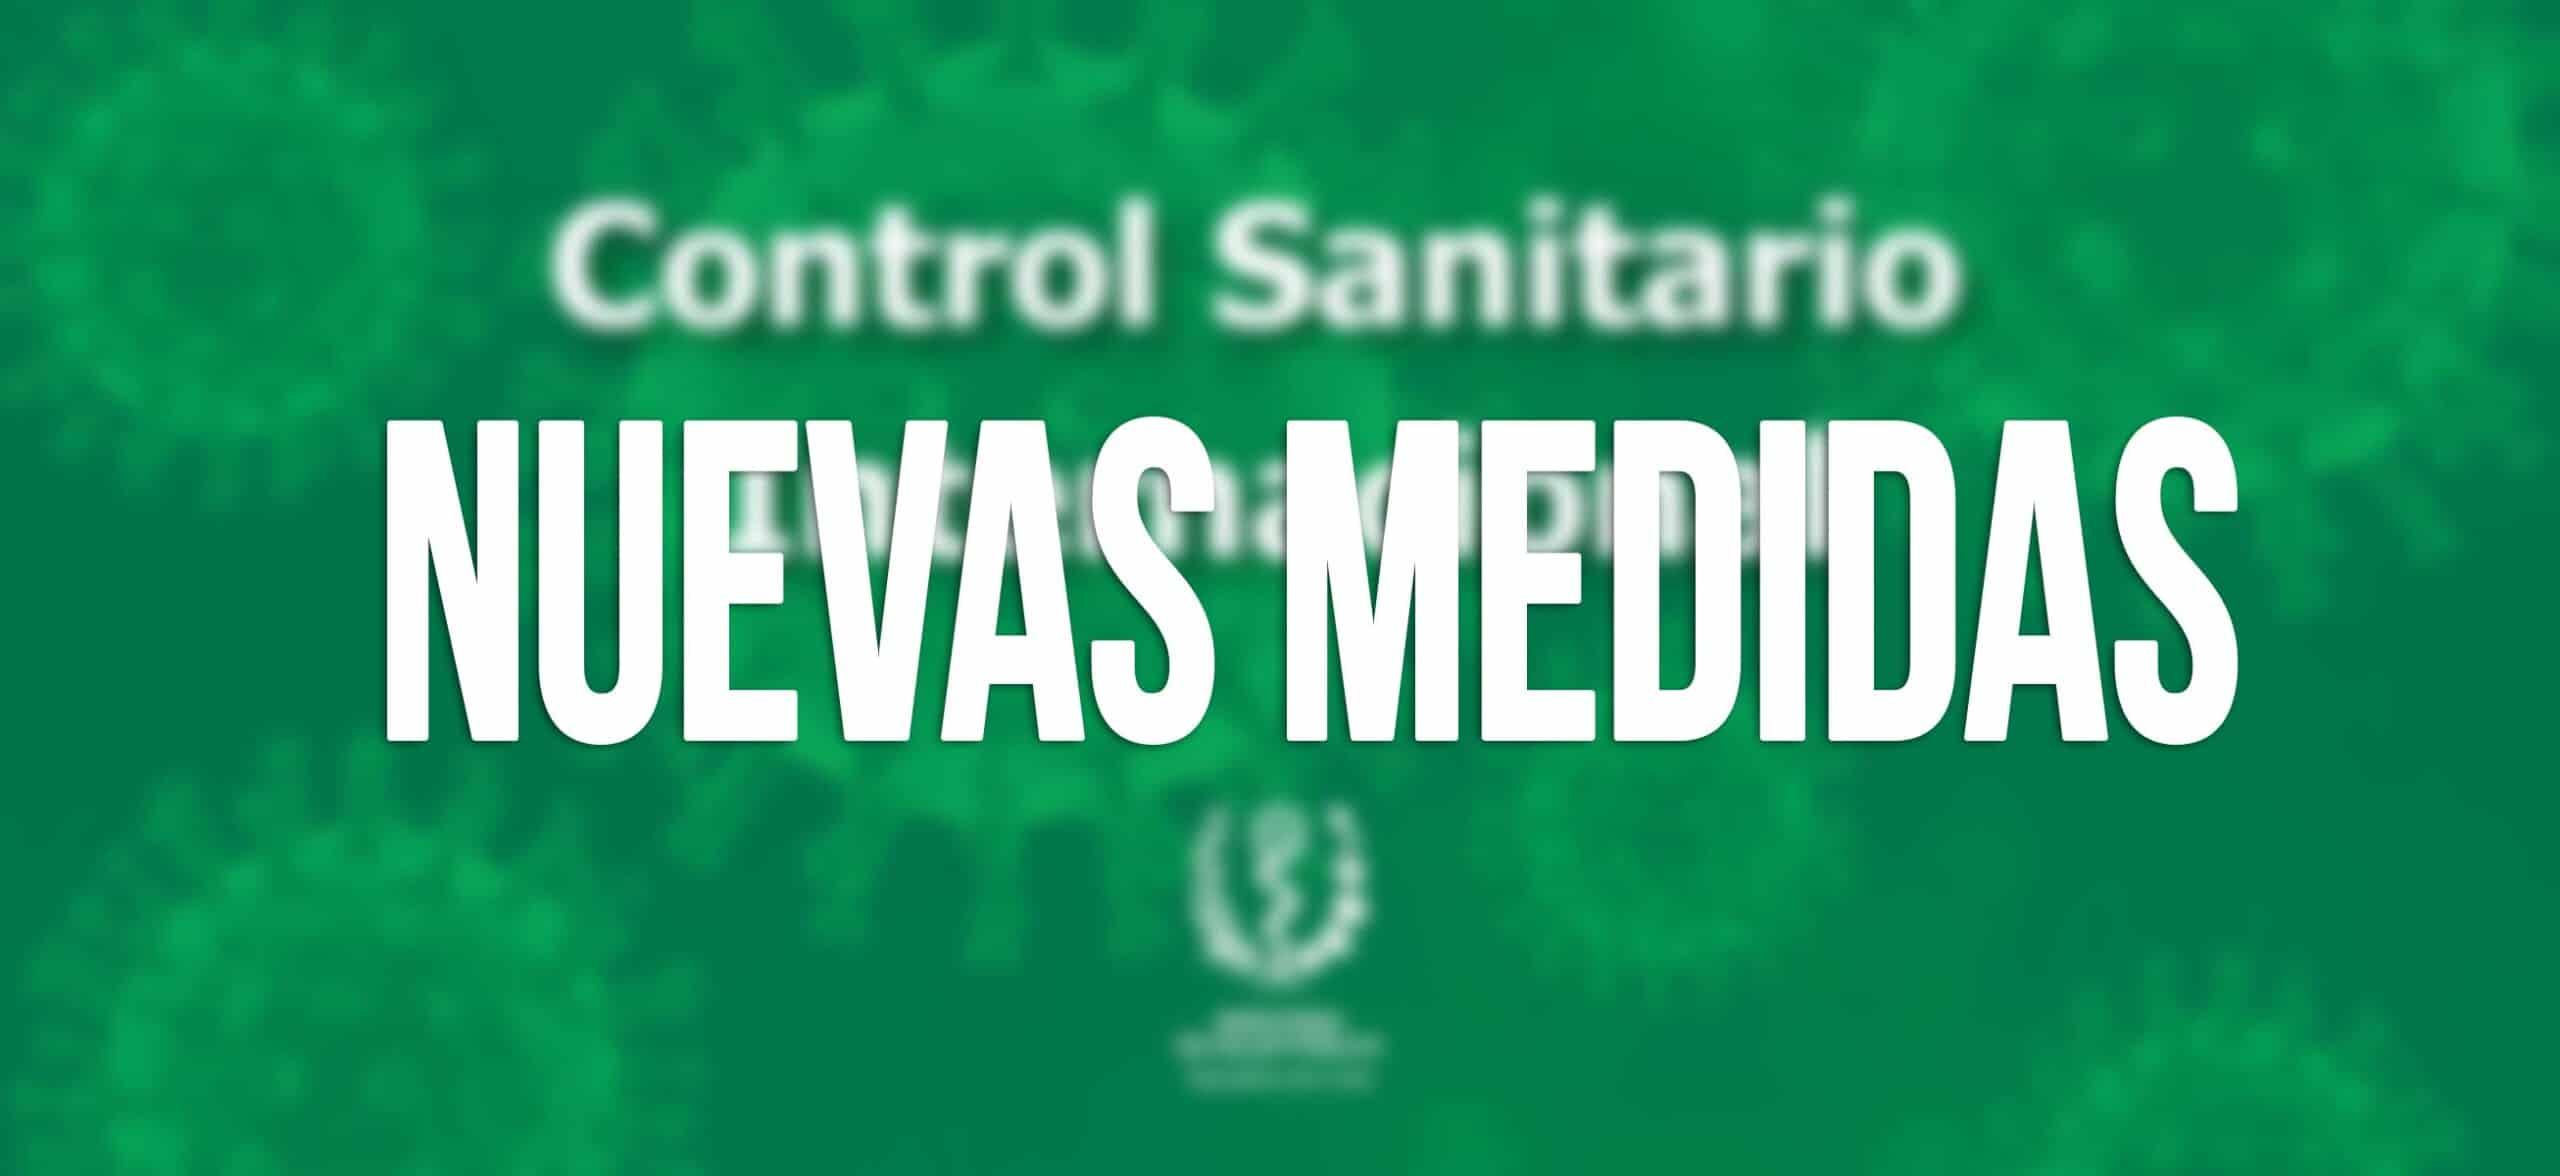 Medidas Control Sanitario Internacional en Cuba